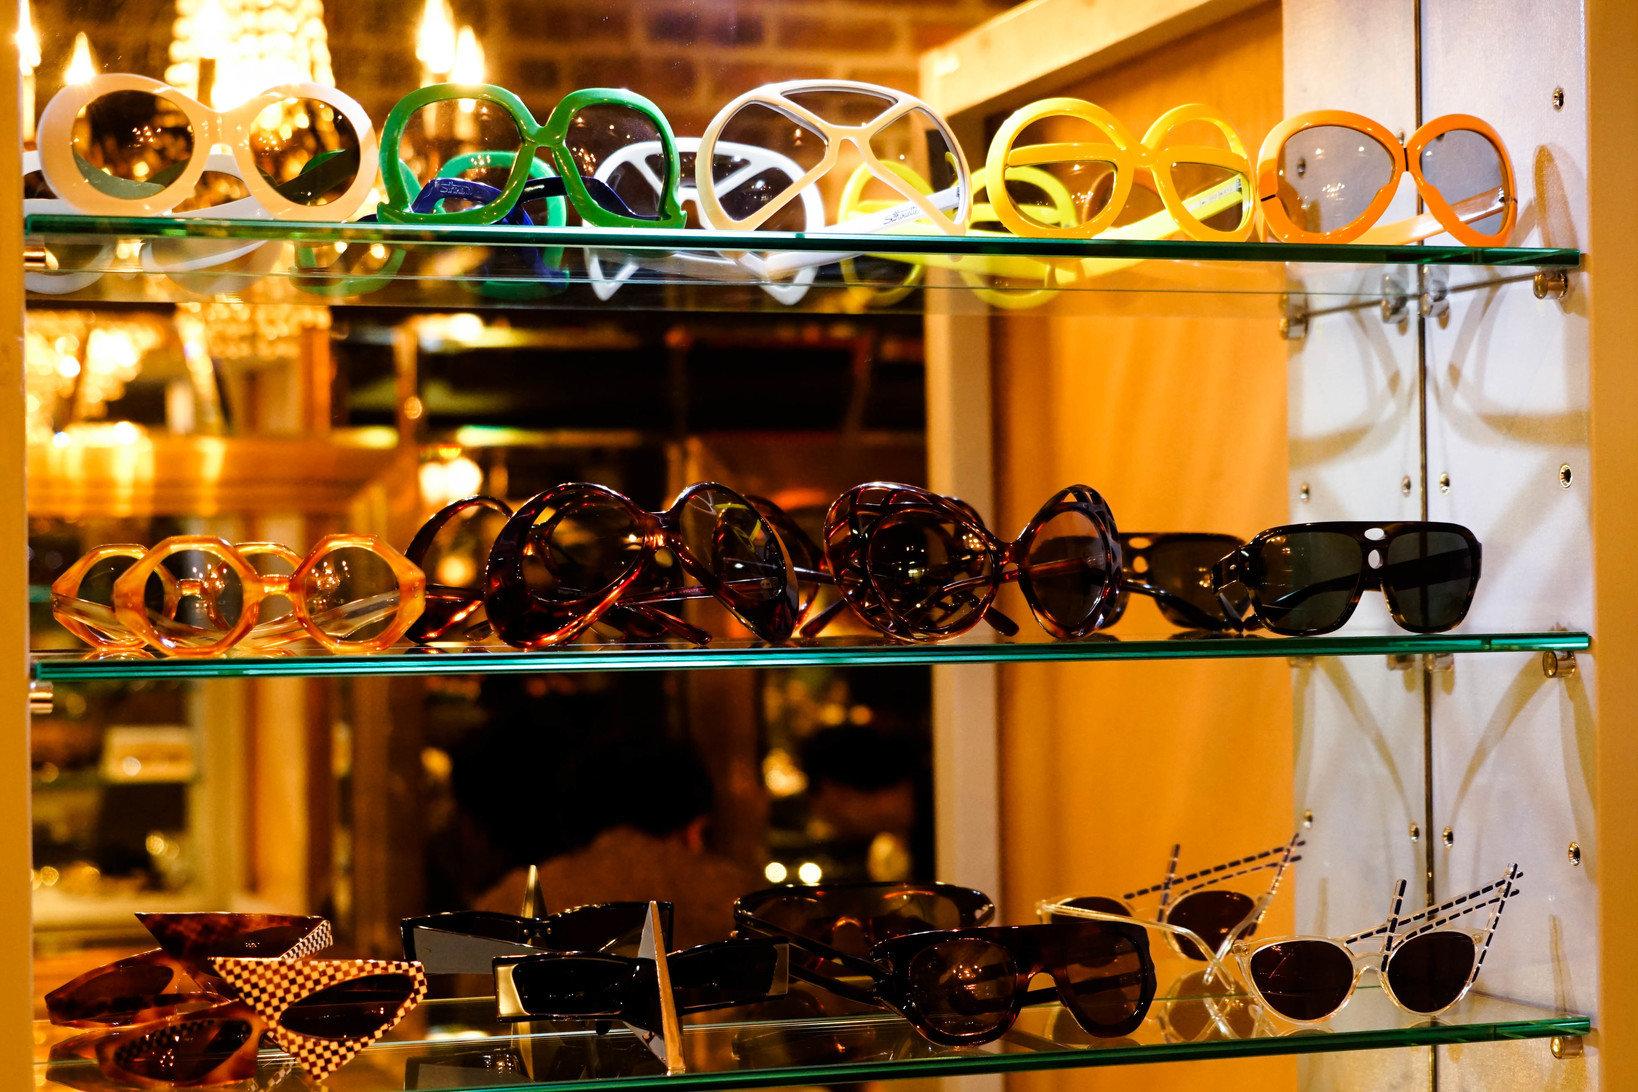 自由主義の興隆の影響を受け、メガネにも多彩で自由なデザインが生まれた。